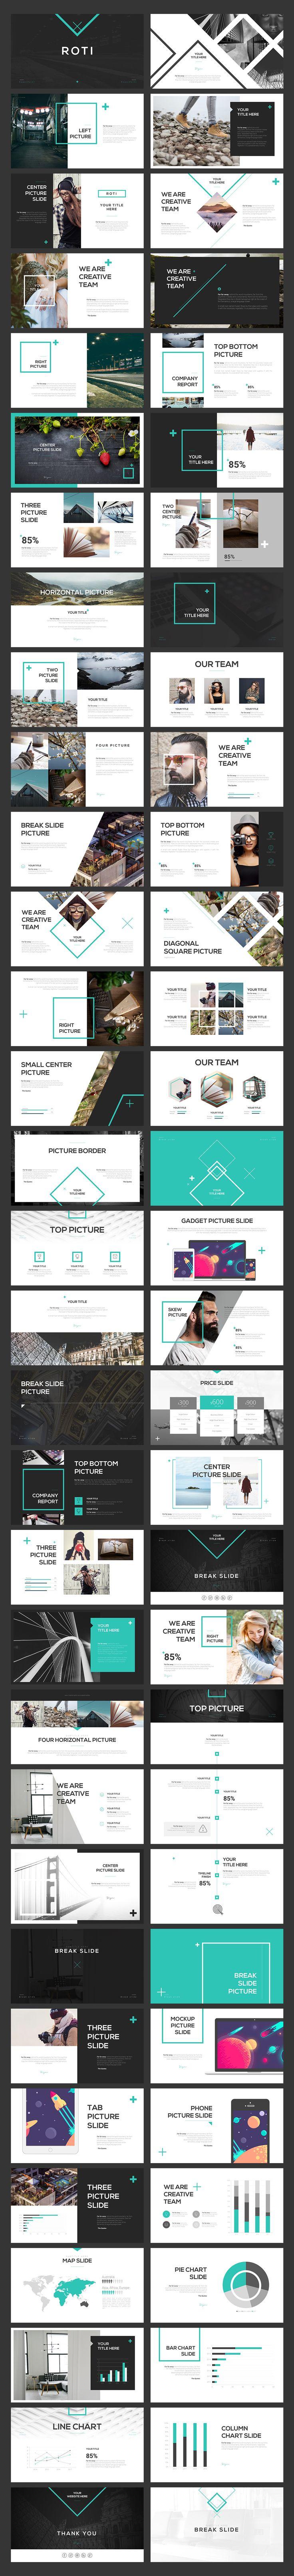 优秀网页设计的照片 - 微相册